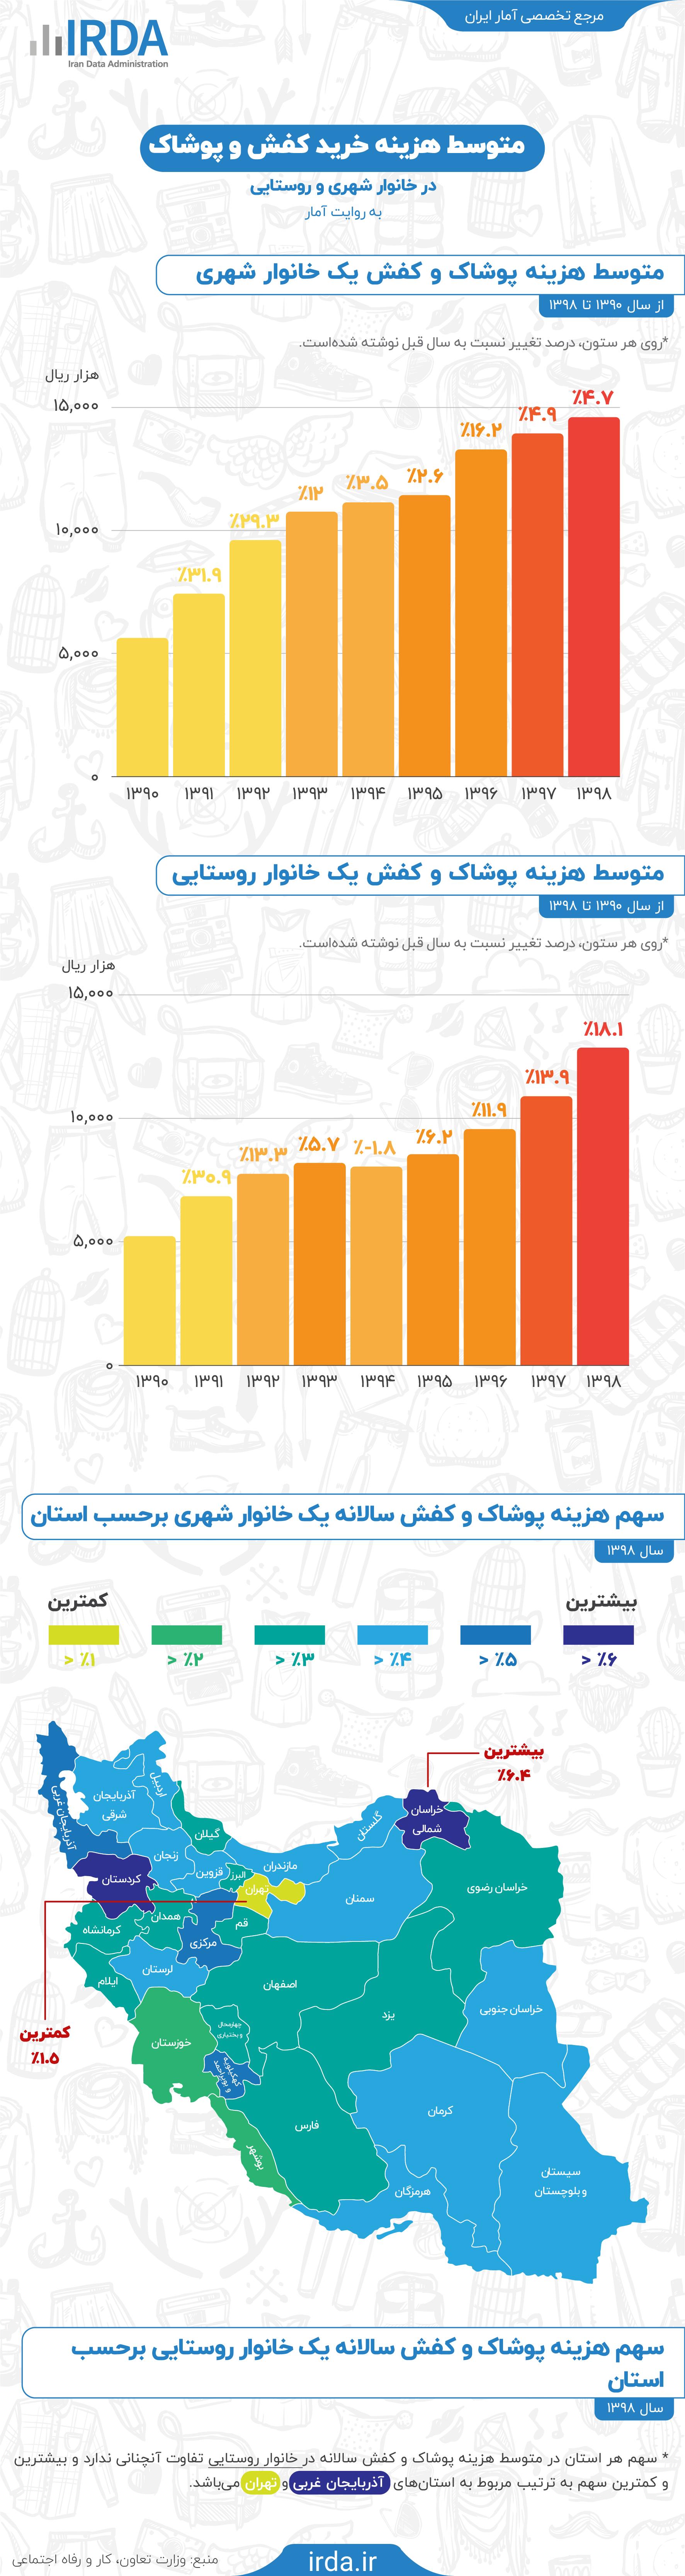 هزینه خرید پوشاک و کفش در خانوار شهری و روستایی به روایت آمار